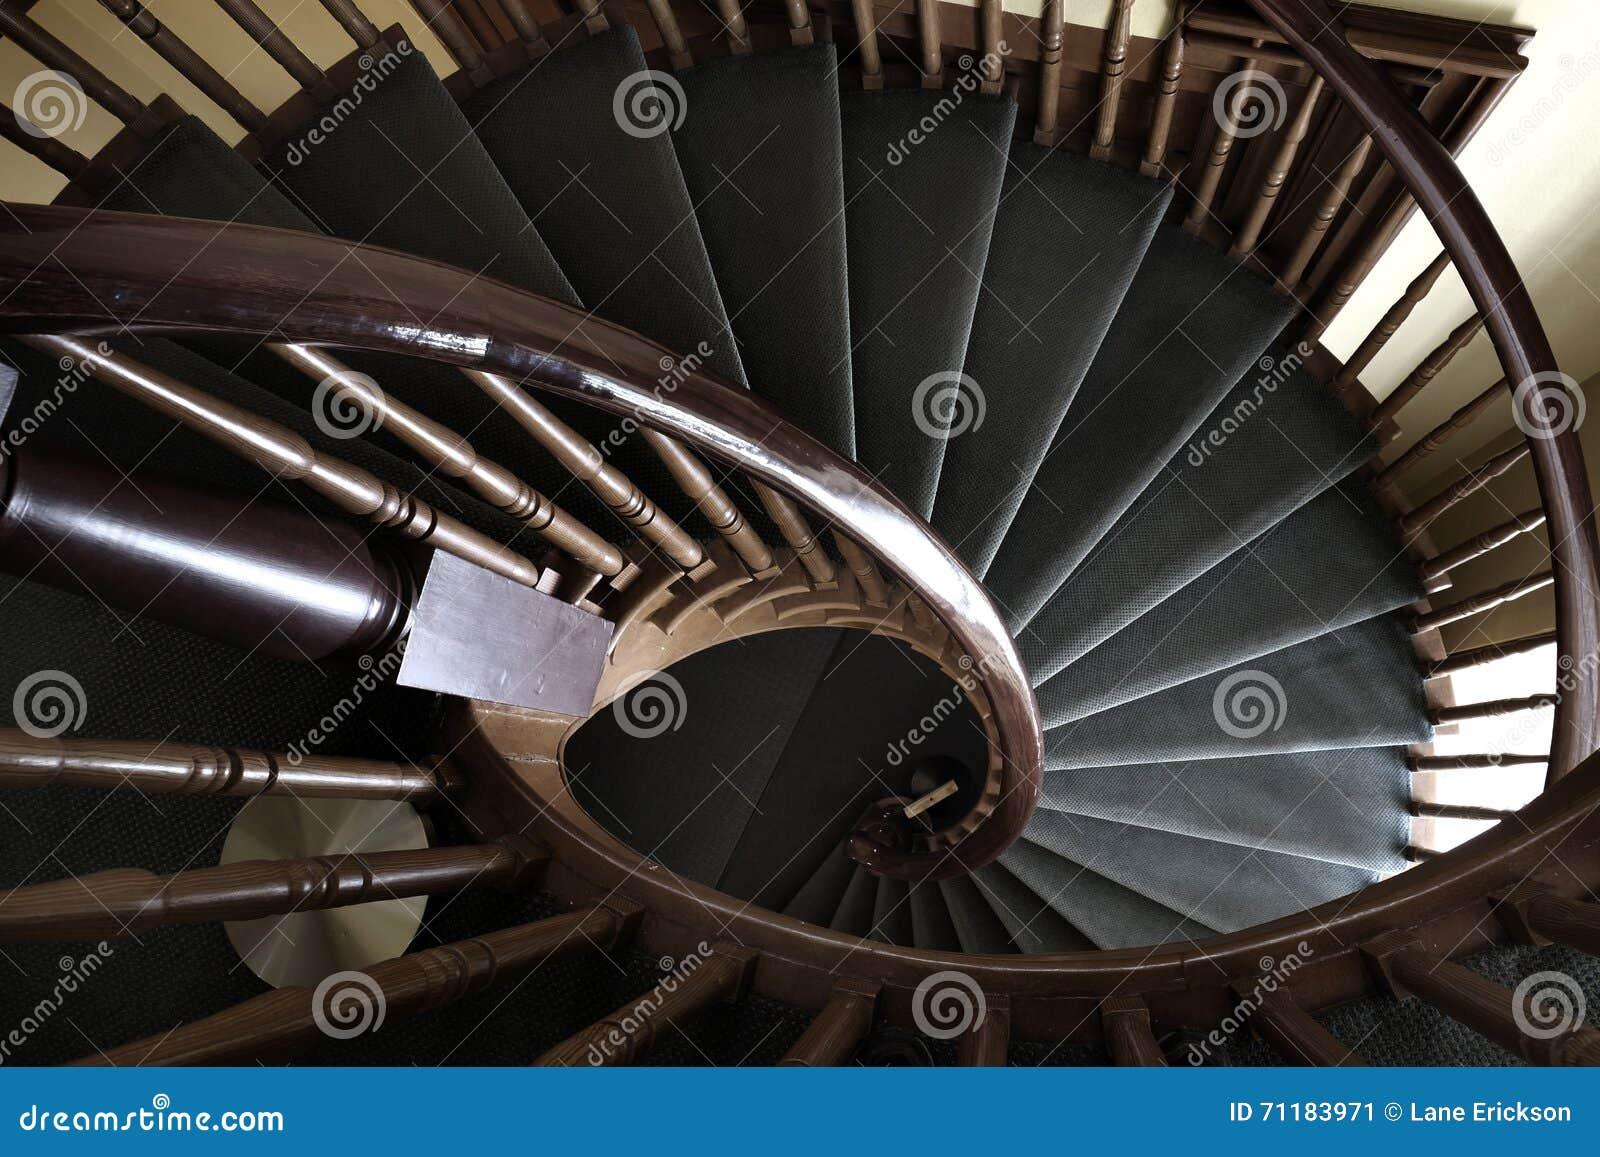 Progettazione Scale A Chiocciola : Progettazione delle scale della scala a chiocciola immagine stock